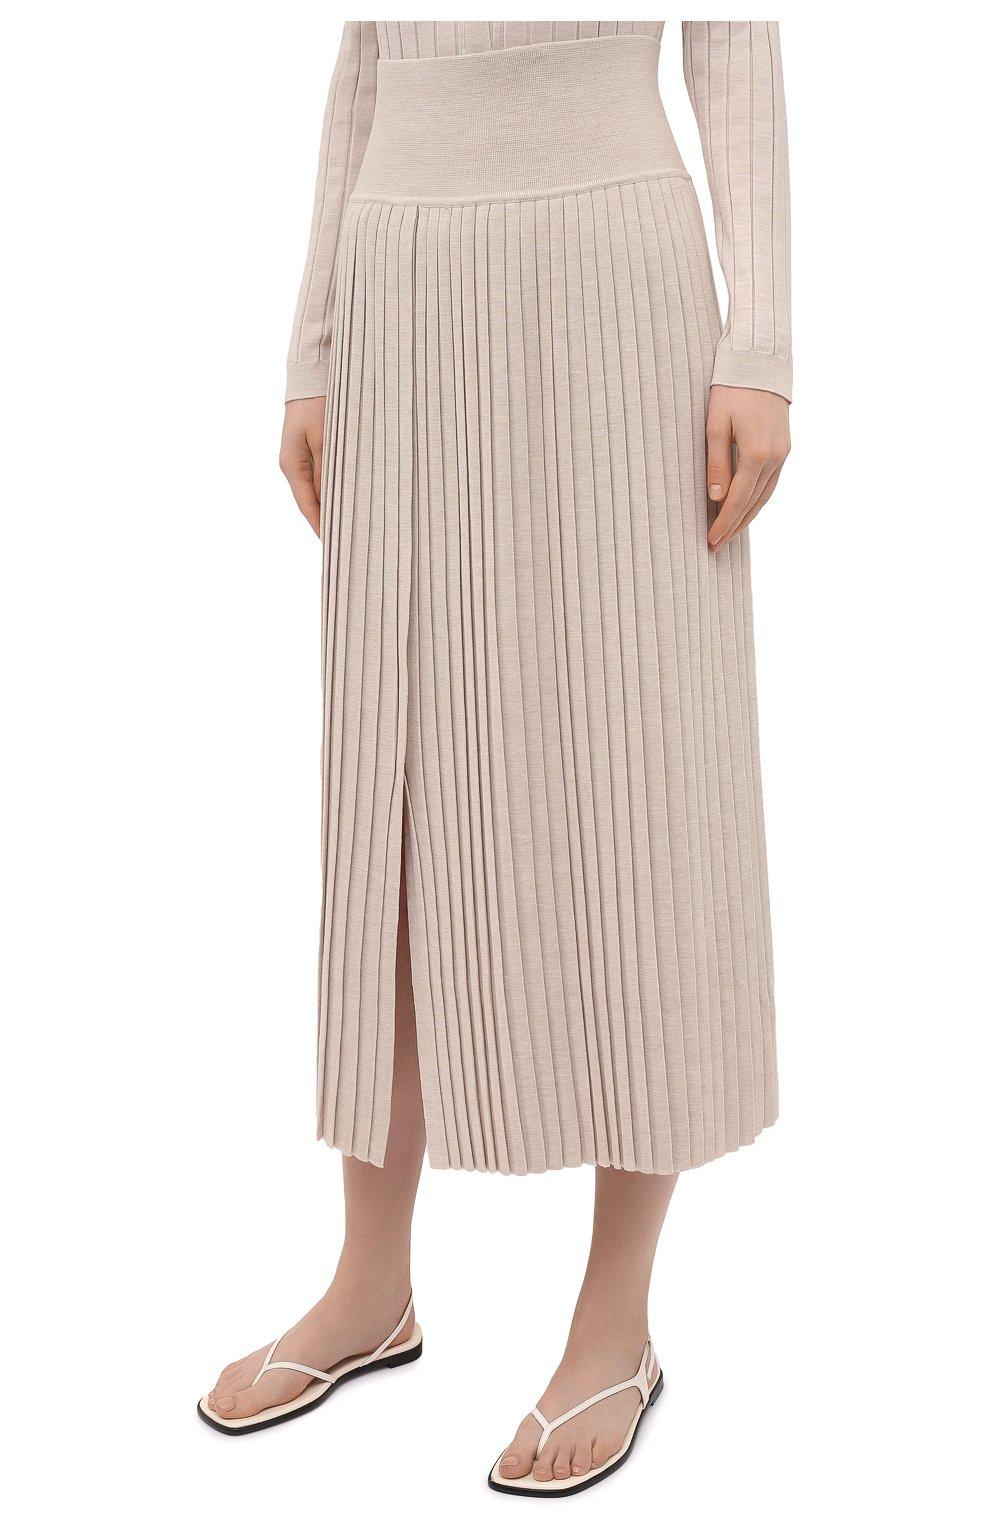 Женская юбка из шерсти и шелка THE ROW бежевого цвета, арт. 5678Y476 | Фото 3 (Материал внешний: Шерсть, Шелк; Женское Кросс-КТ: юбка-плиссе, Юбка-одежда; Кросс-КТ: Трикотаж; Длина Ж (юбки, платья, шорты): Макси; Стили: Кэжуэл)